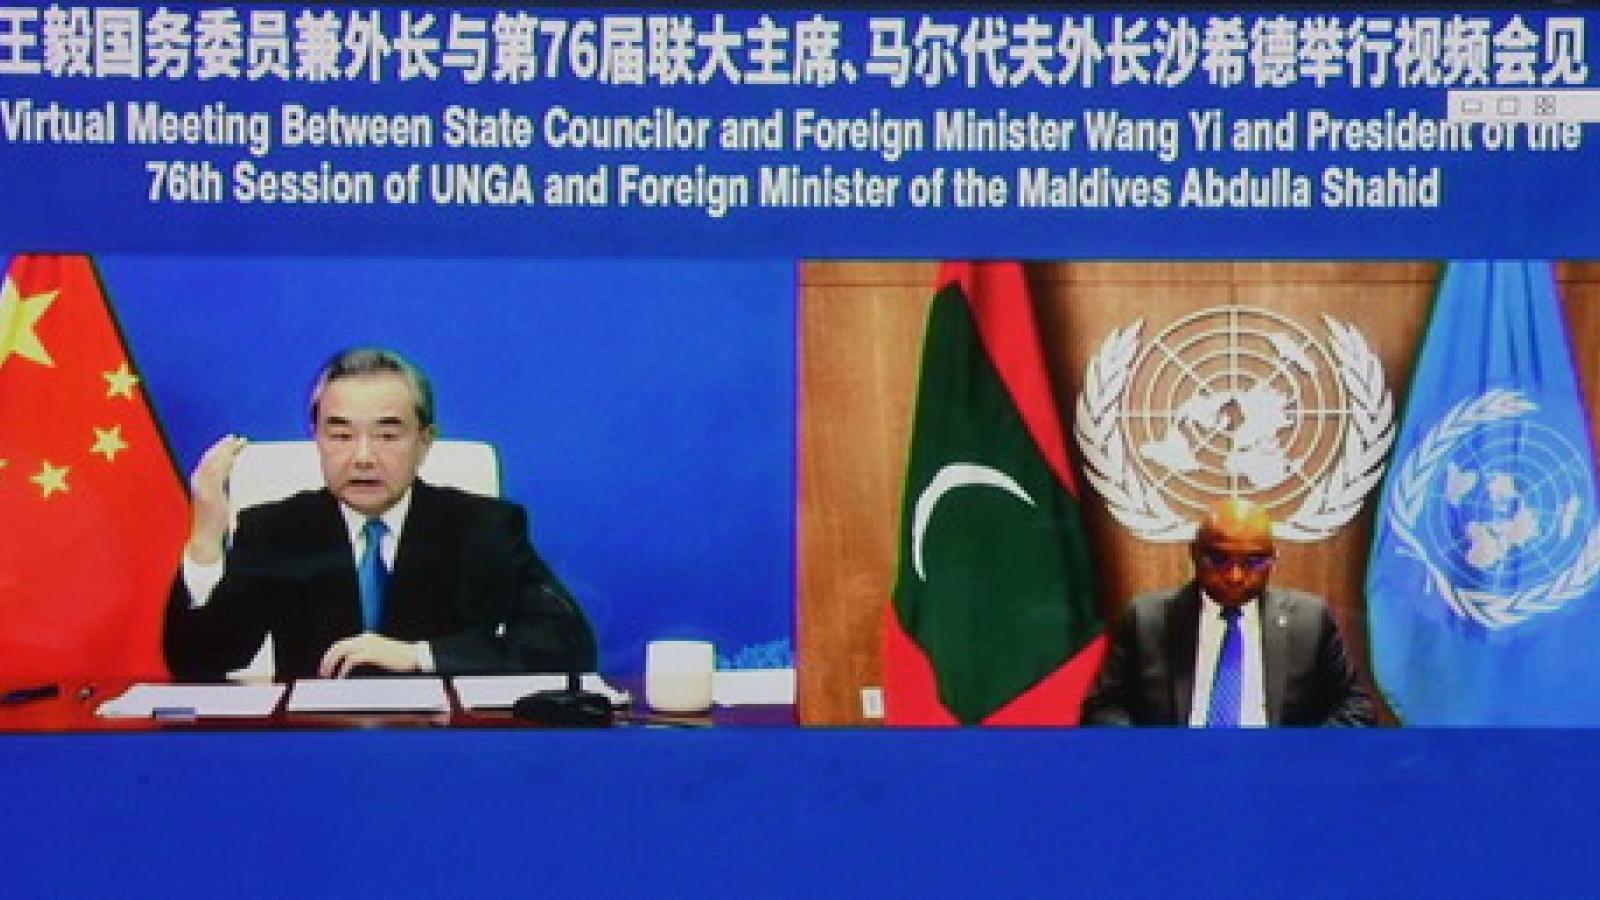 Bộ trưởng Ngoại giao Vương Nghị hội kiếnvới Chủ tịch Đại hội đồng LHQ Abdulla Shahid